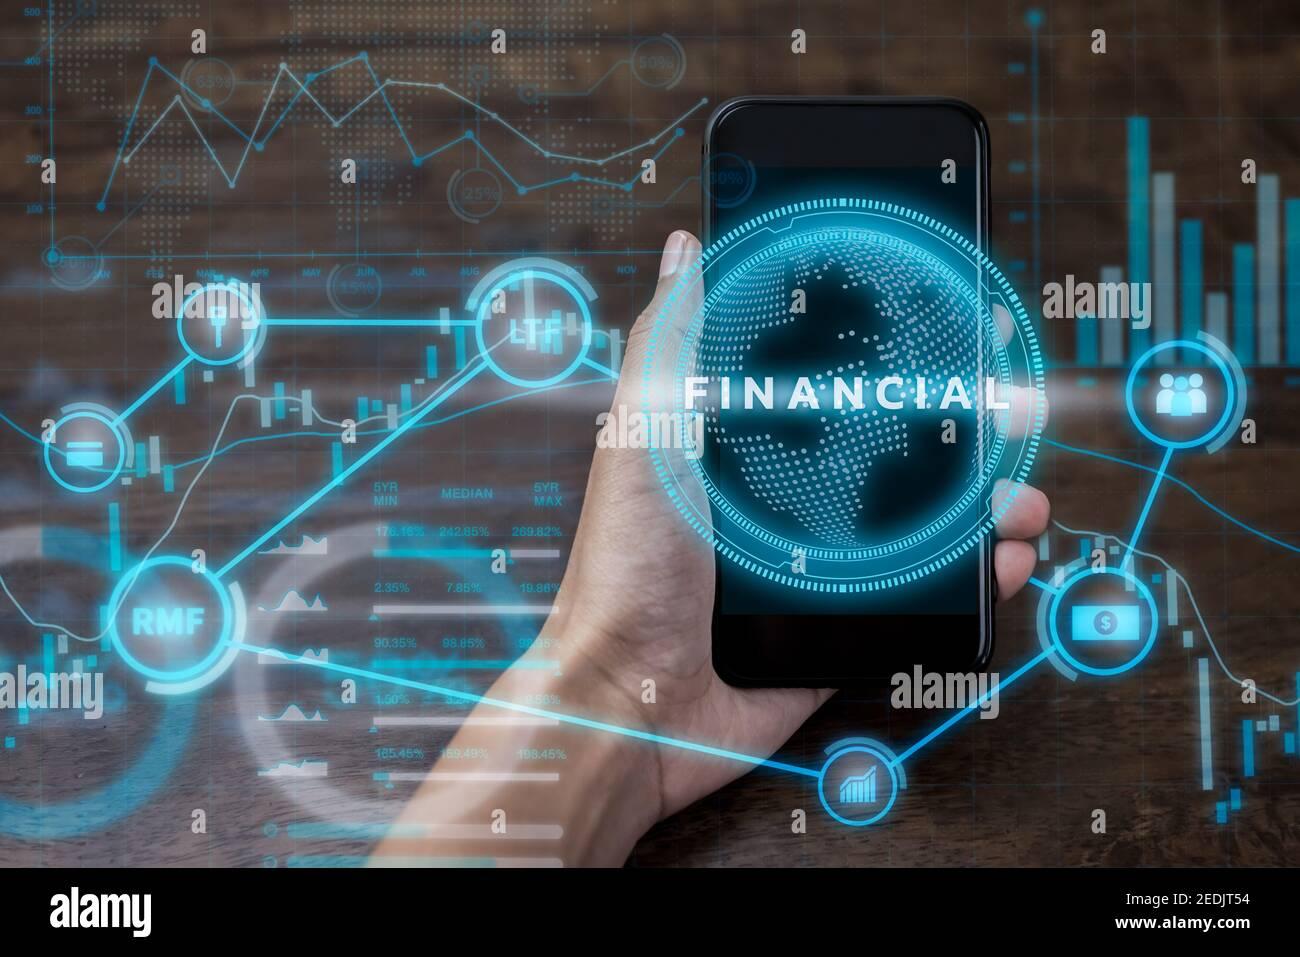 Smartphone portable avec technologie futuriste d'affichage numérique des données financières et d'investissement en ligne, concept fintech Banque D'Images